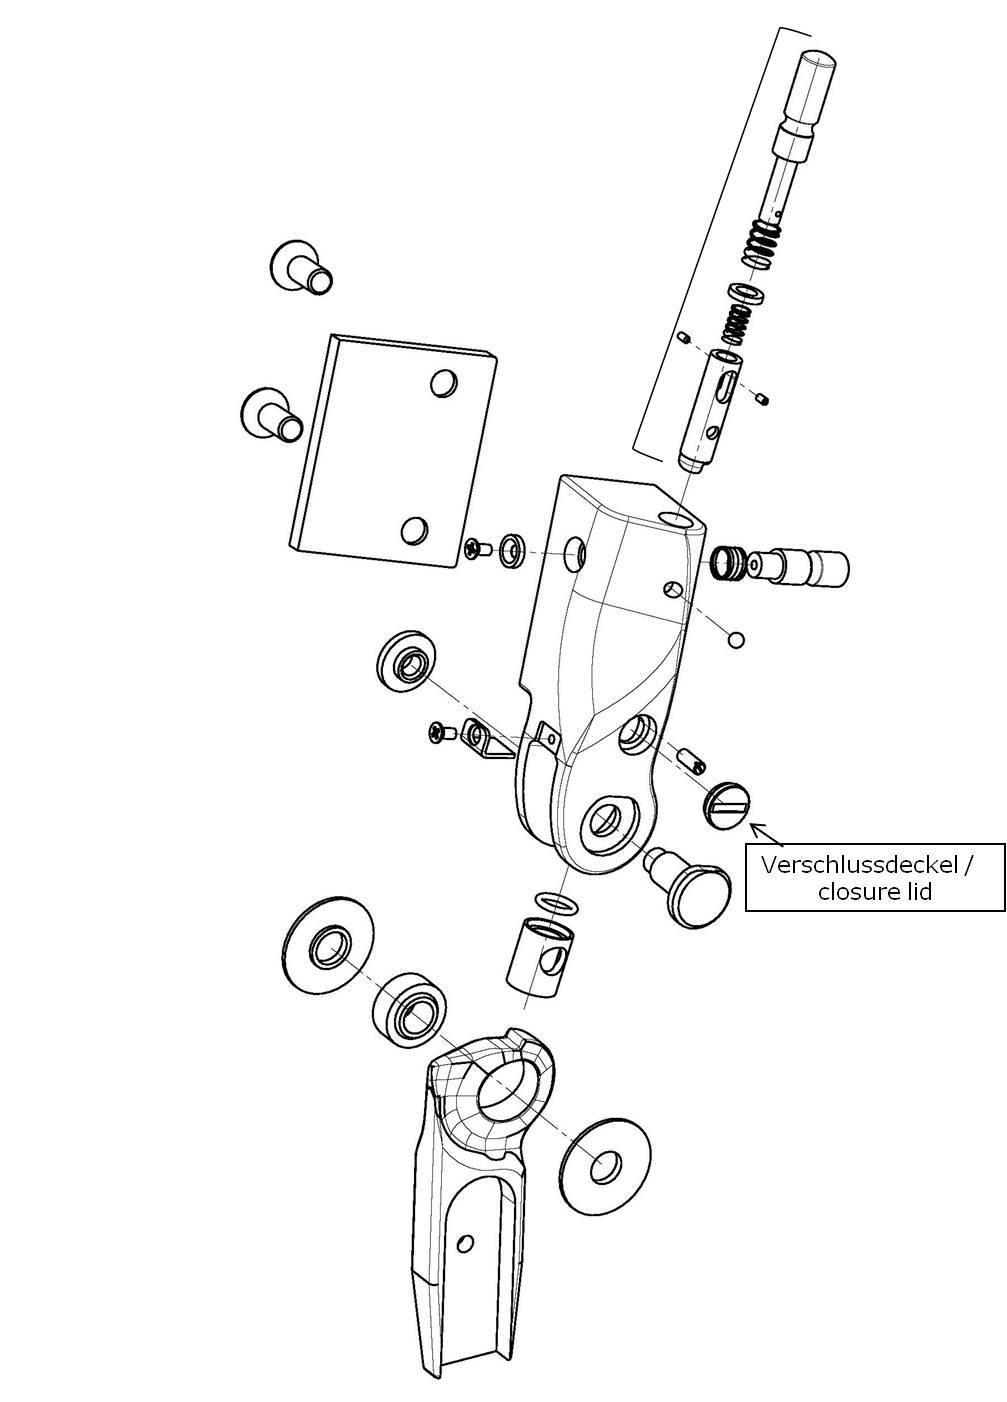 Verschlussdeckel für das Salera preselect 3-D Hüftgelenk